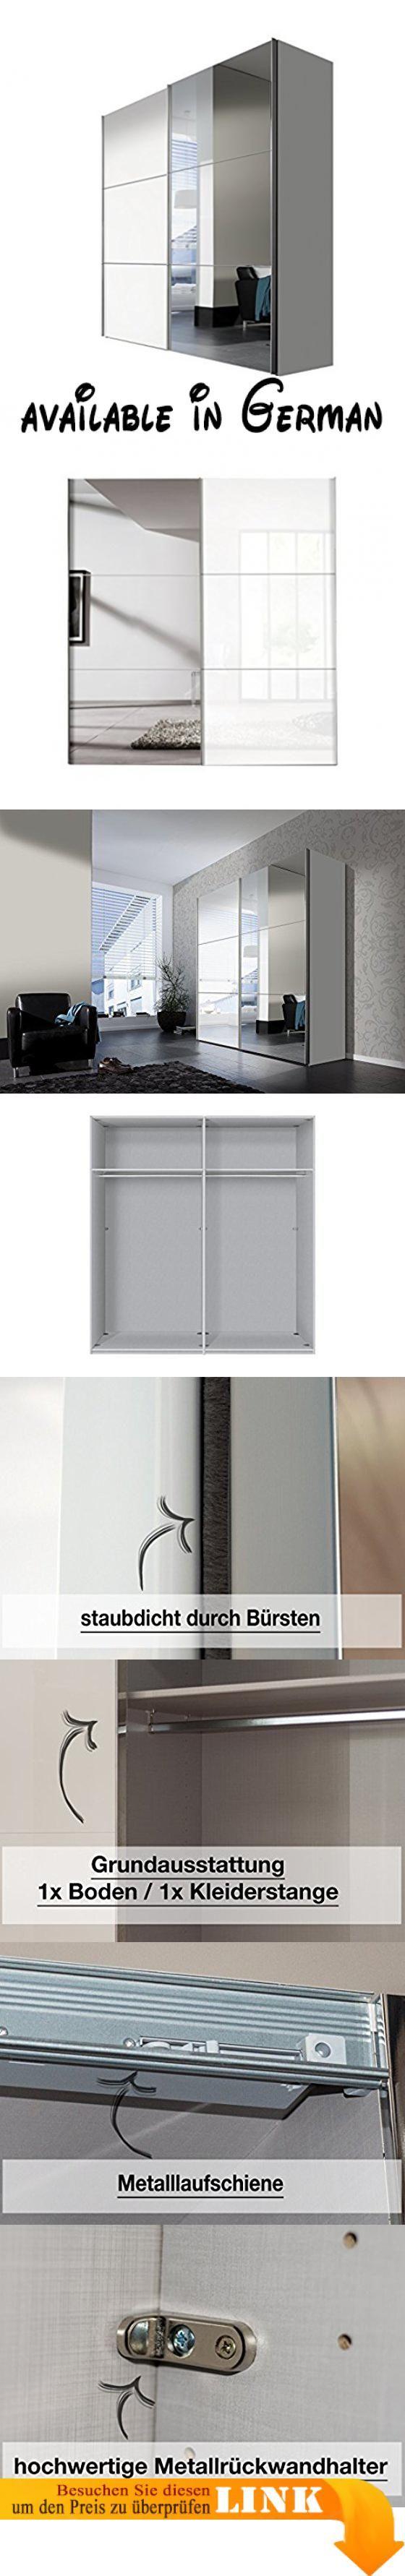 B01GRYZ6HO : Express Möbel Kleiderschrank Schlafzimmerschrank Weiß Hochglanz 200 cm mit Spiegel 2-türig BxHxT 200x216x68 cm Art Nr. 01710-184. Schwebetürenschrank 200 cm breit  2-türig in Weiß Hochglanz Lackiert und Spiegel. Die Griffleisten des Kleiderschrank sind Alufarben Schrank mit hochwertigen Metallbeschlägen.. Schrank Korpus Weiß Front mit 3 Paneelen in Weiß Hochglanz Lack und 3 Spiegelpaneelen Schrank Maße: BxHxT 200x216x68 cm. Die Schrank Wäscheboden